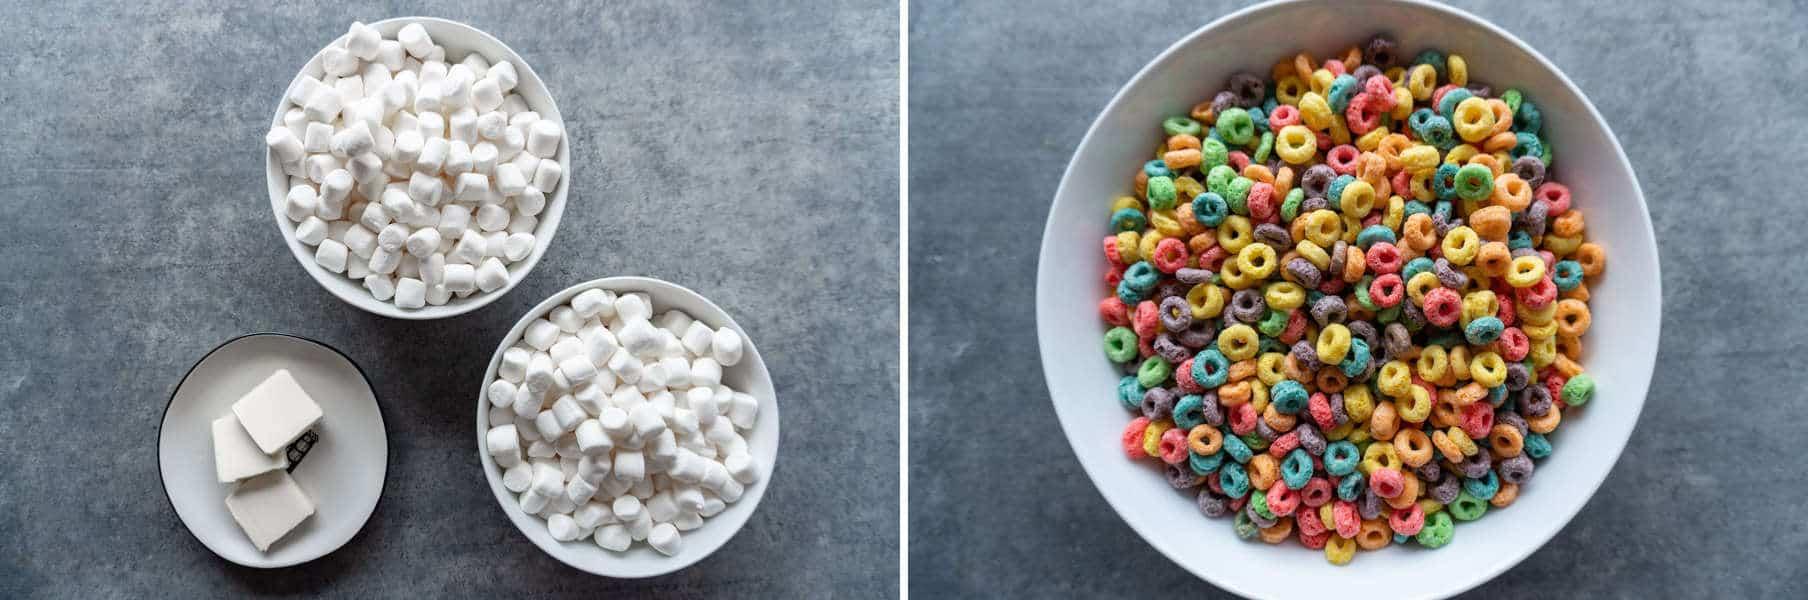 Fruit Loop Marshmallow Bar ingredients